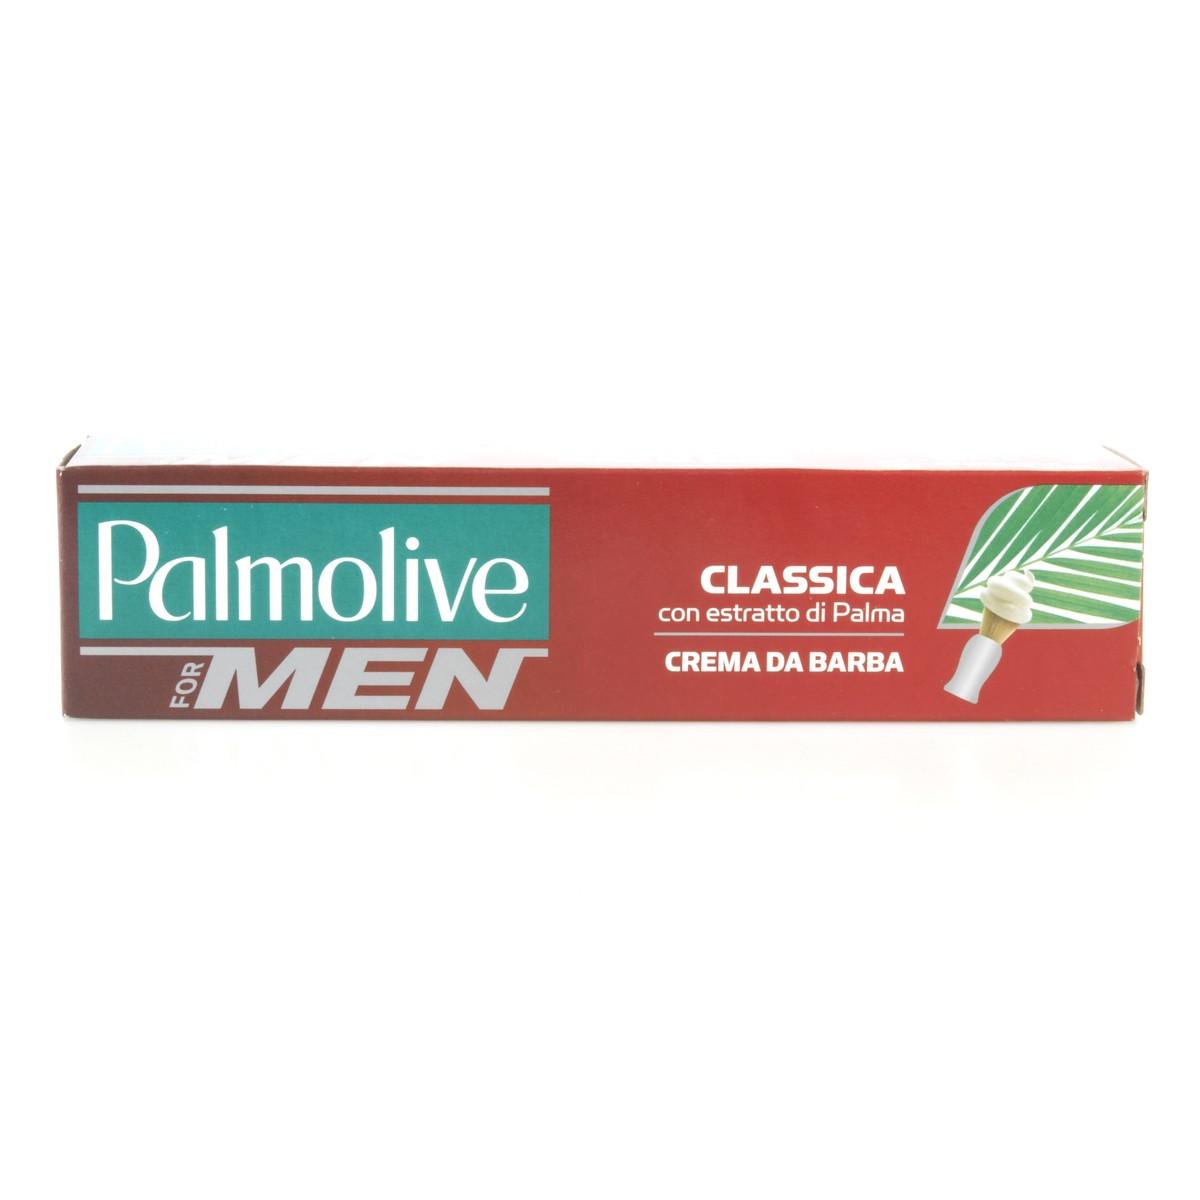 Palmolive Crema da barba Classica